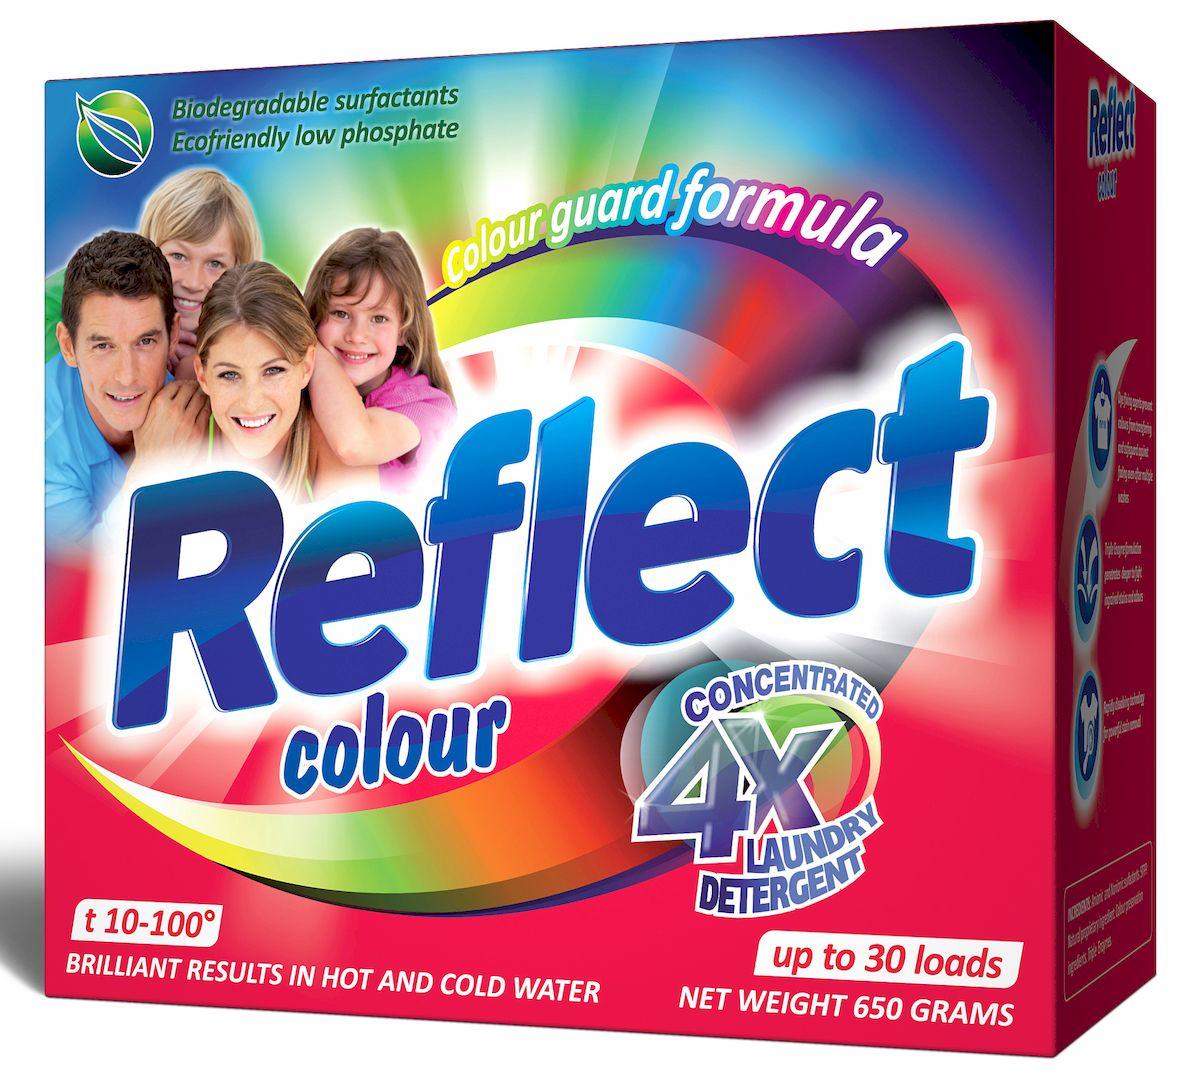 Стиральный порошок Reflect Colour, концентрированный, для цветных и темных тканей, 650 гCLP446Концентрированный стиральный порошок Reflect Color предназначен для стирки цветных и темных тканей. Двойная степень защиты цвета сохраняет все краски цветного и темного белья, защищает от ультрафиолета. Особенности порошка Reflect Color: - обладает высокой моющей способностью в широком диапазоне температур (10°C-100°C), - предупреждает образование накипи на водонагревательном элементе, - удаляет пятна и загрязнения различного происхождения, не повреждая структуру ткани, - в состав входит энзим (антипиллинг), который предотвращает образование ворсистости на ткани, - подходит для всех типов ткани, кроме шерсти и шелка, - универсальный - для машинной и ручной стирки.Товар сертифицирован.